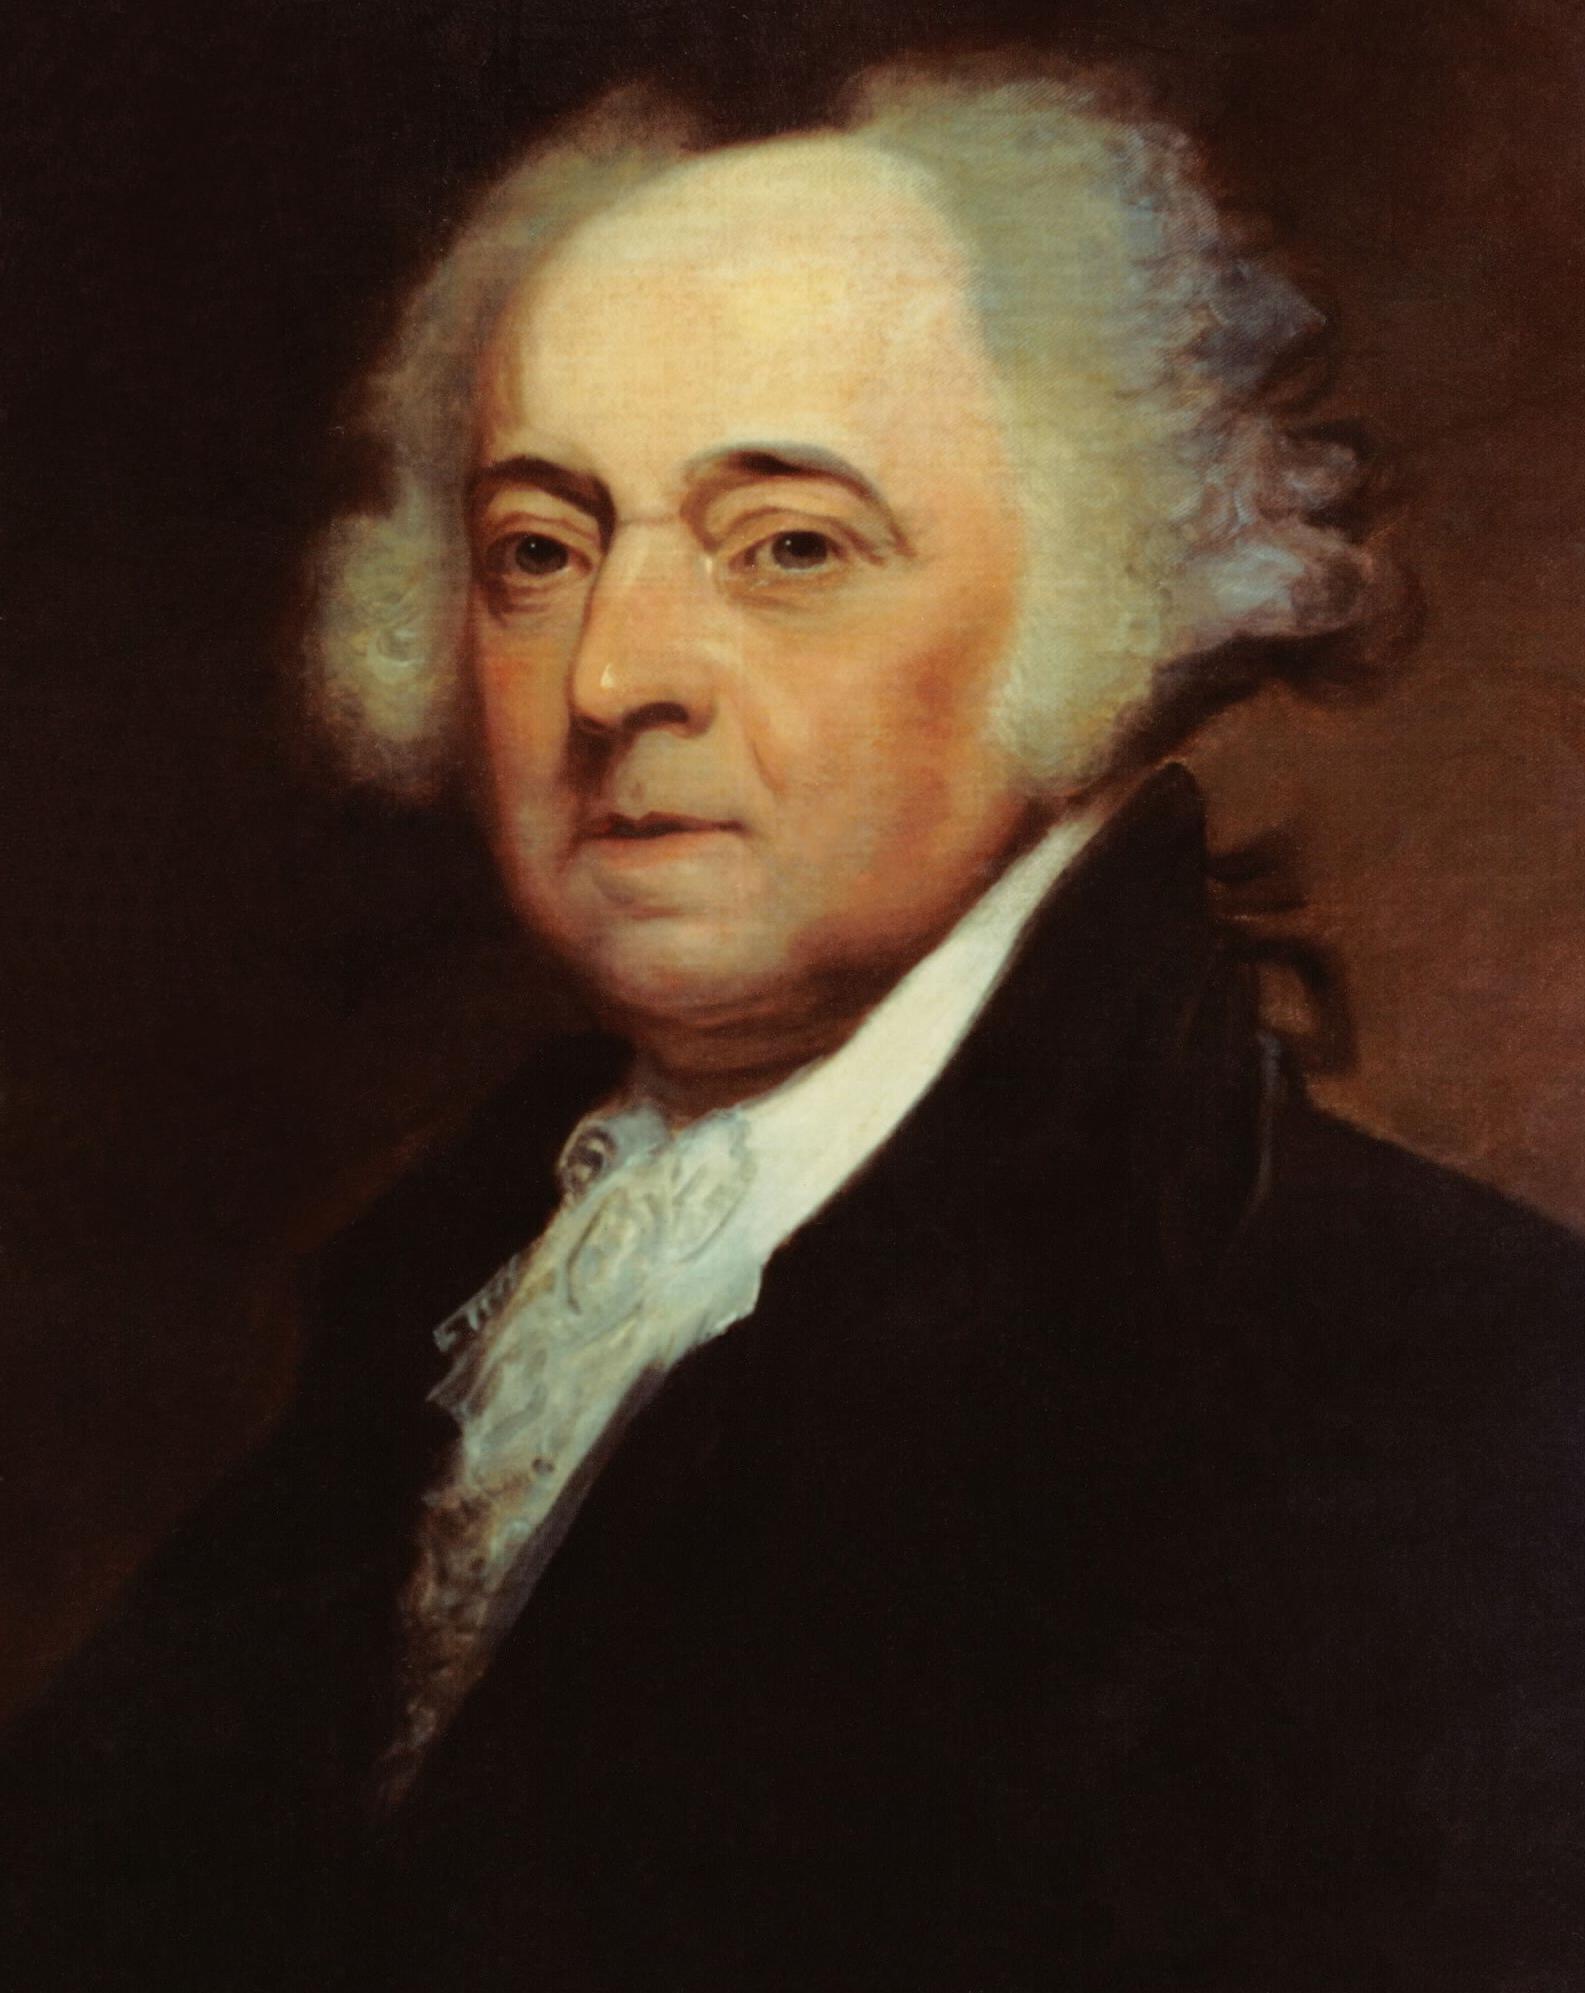 John Adams, Amerika Birleşik Devletleri'nin ikinci başkanı (DY-1735) tarihte bugün